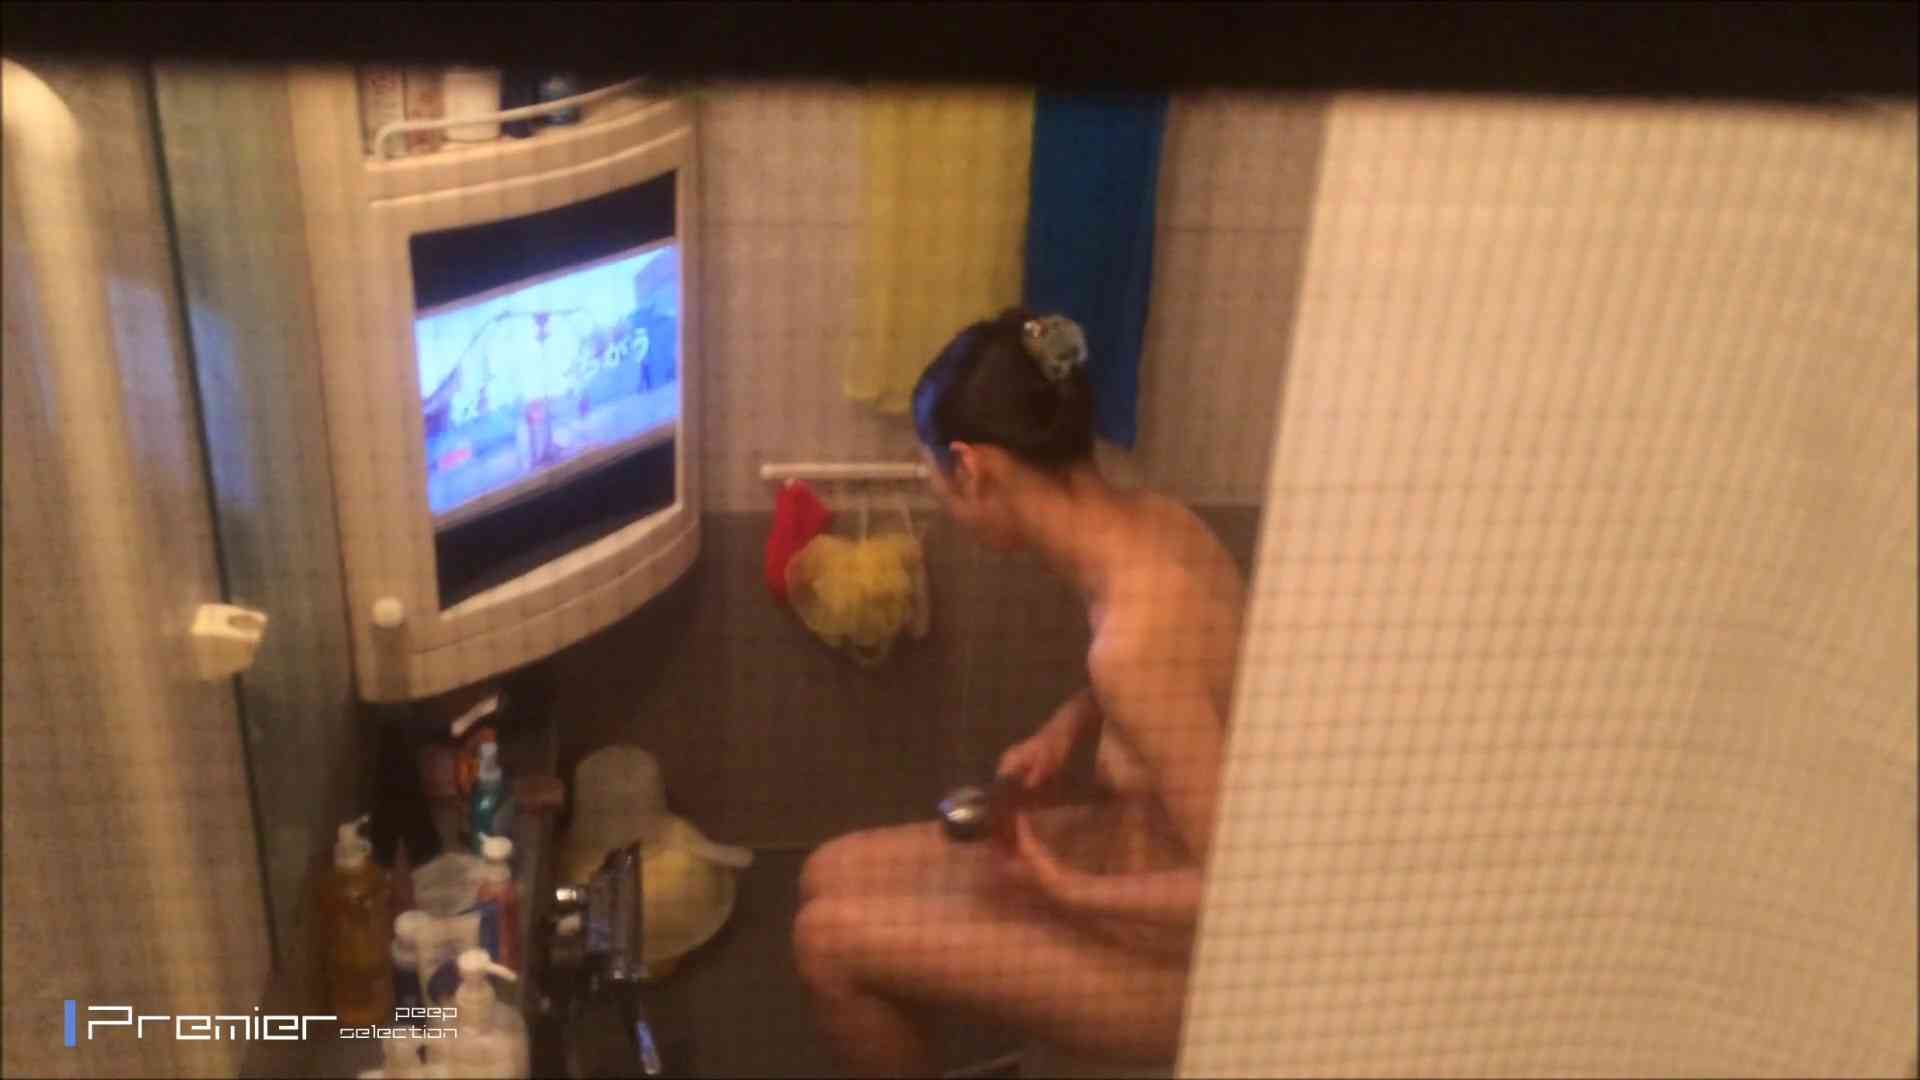 美女のテレビを見ながらの入浴 乙女の風呂場 Vol.21 美乳 セックス画像 111画像 81